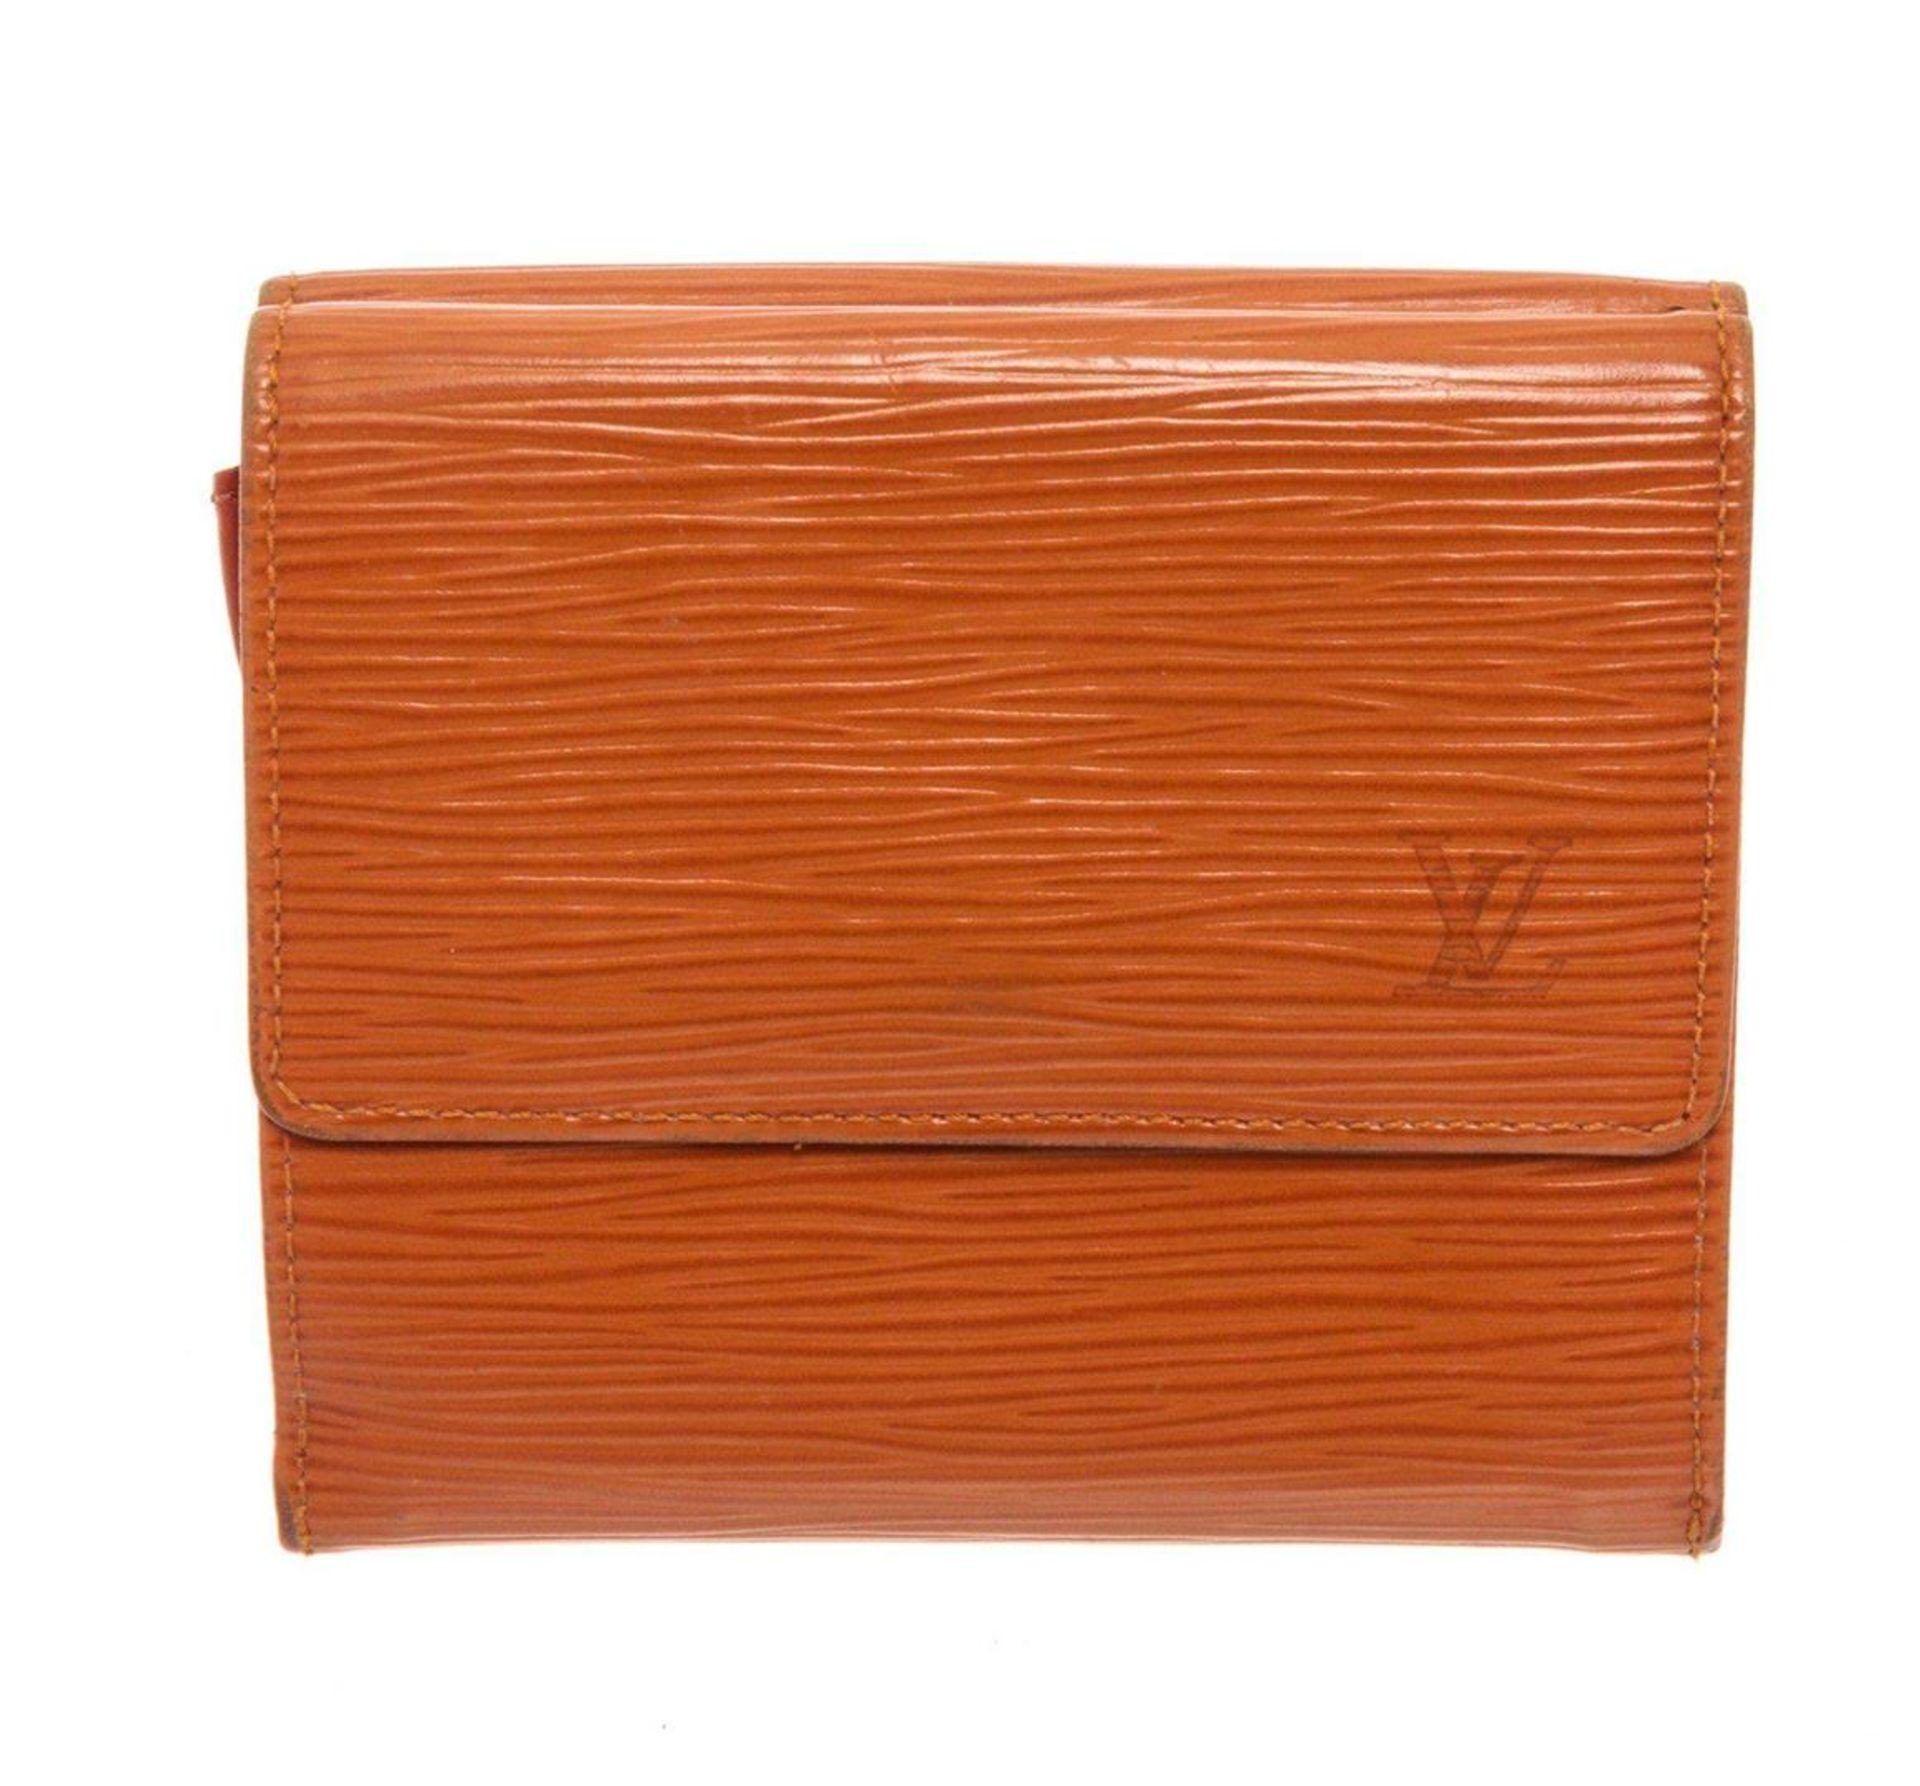 Louis Vuitton Orange Epi Leather Elise Wallet